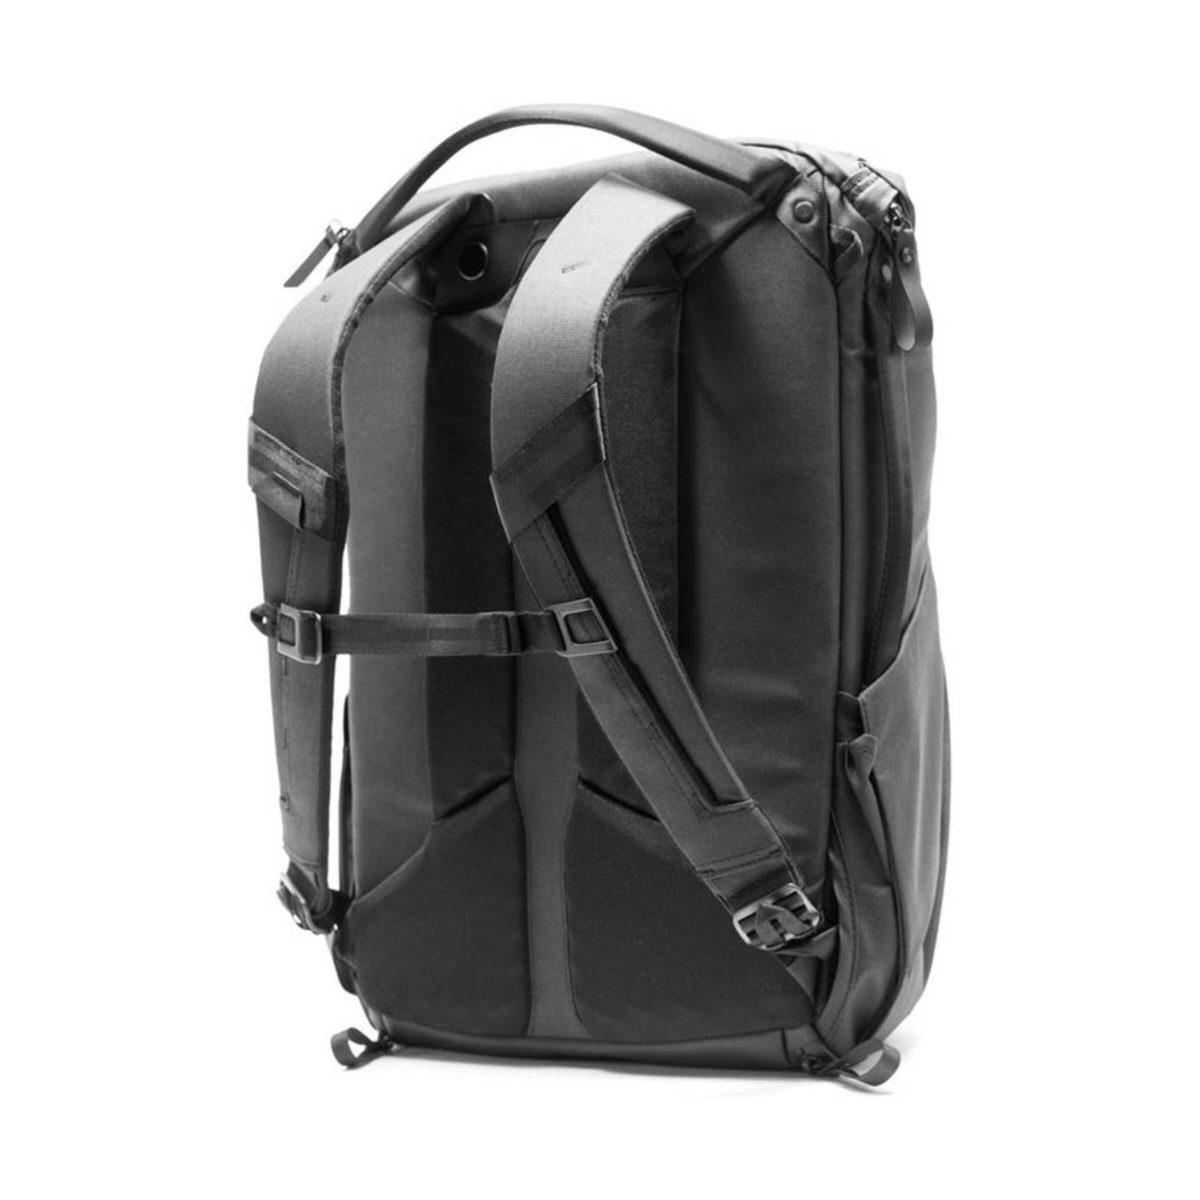 peak_design_everyday_backpack_30l_bk_03